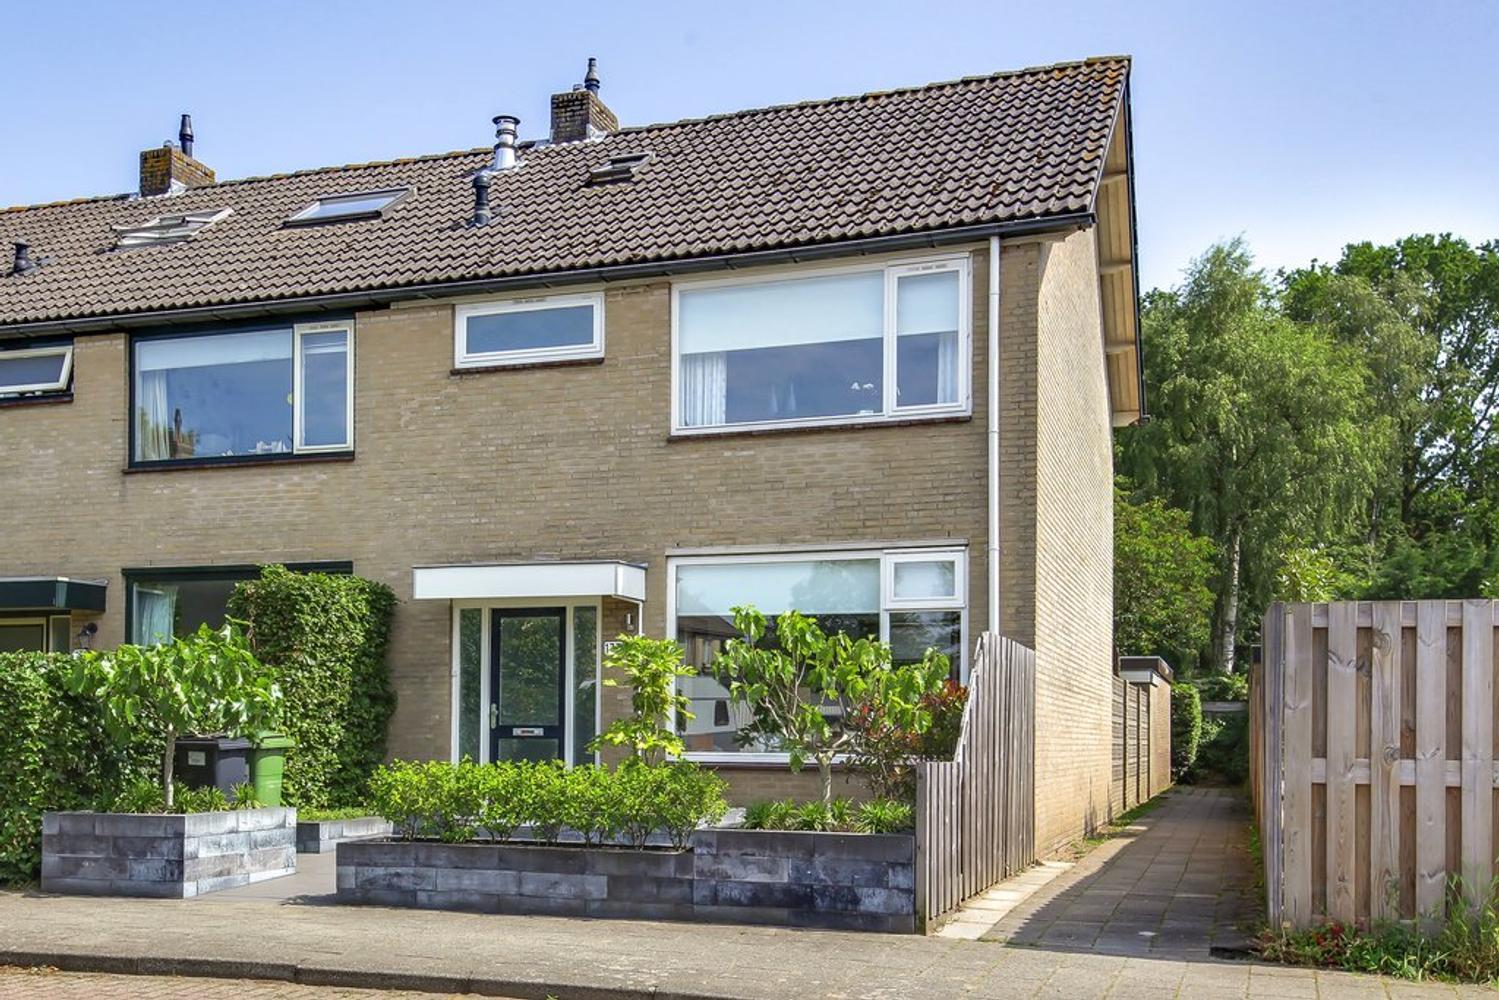 Huizen te koop en te huur - Jan van den Berg Makelaardij